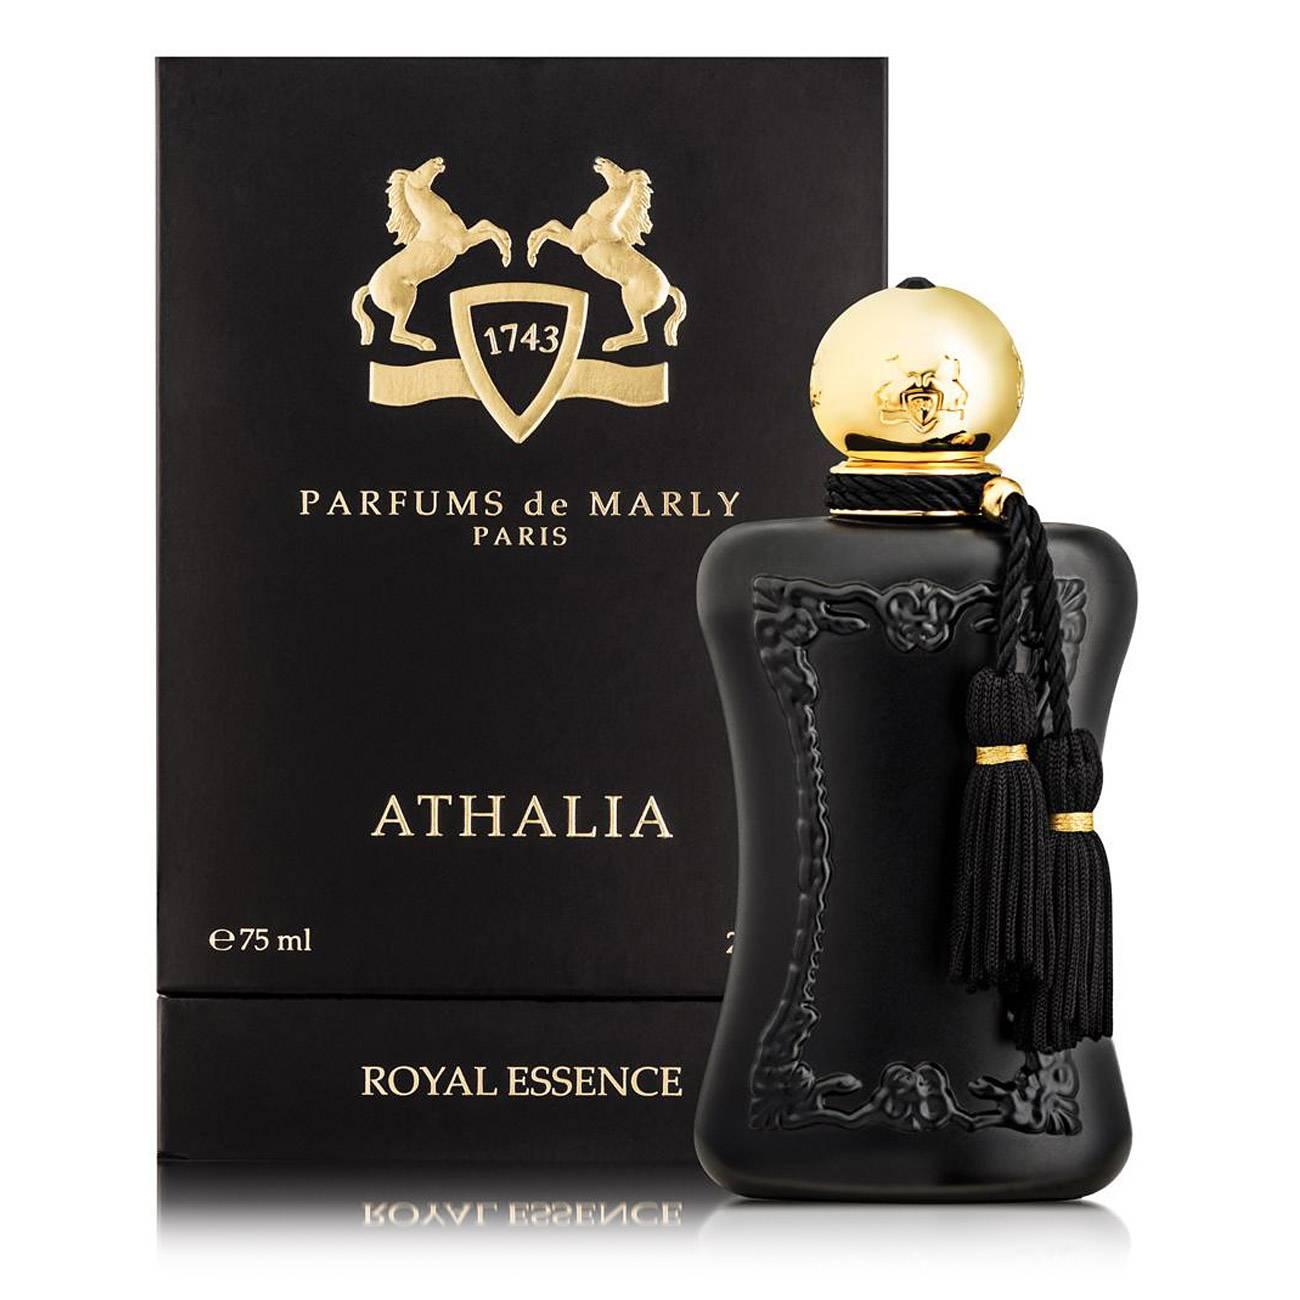 Athalia 75ml